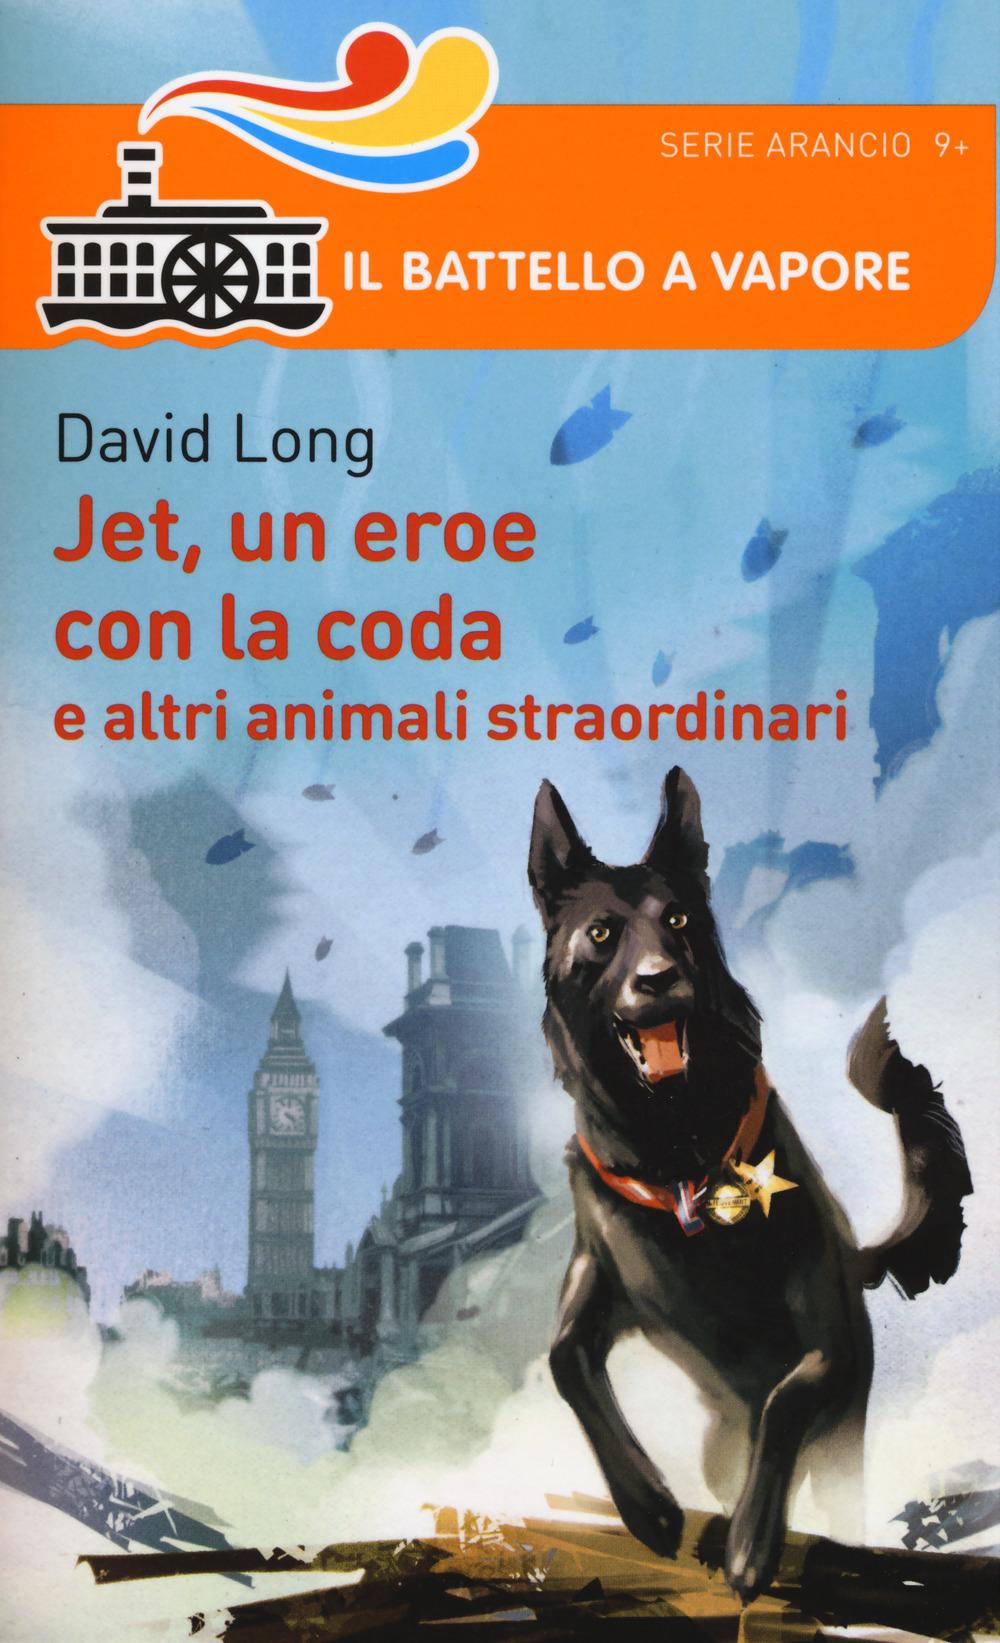 Jet, un eroe con la coda e altri animali straordinari